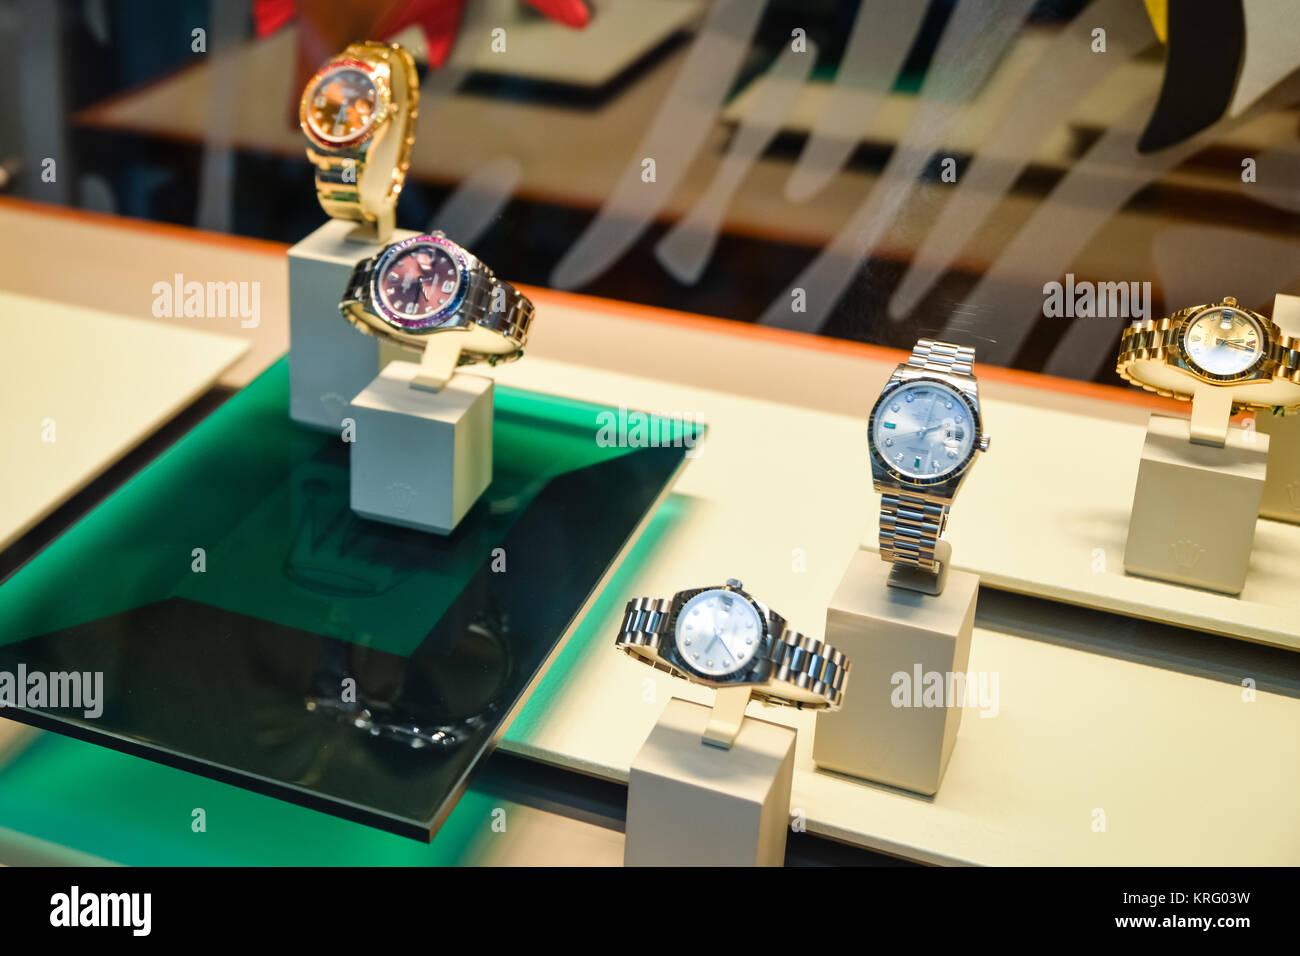 1b8bd3d80d7d66 Milano, Italia - 24 Settembre 2017: gli orologi Rolex in un negozio a  Milano. La settimana della moda shopping Rolex